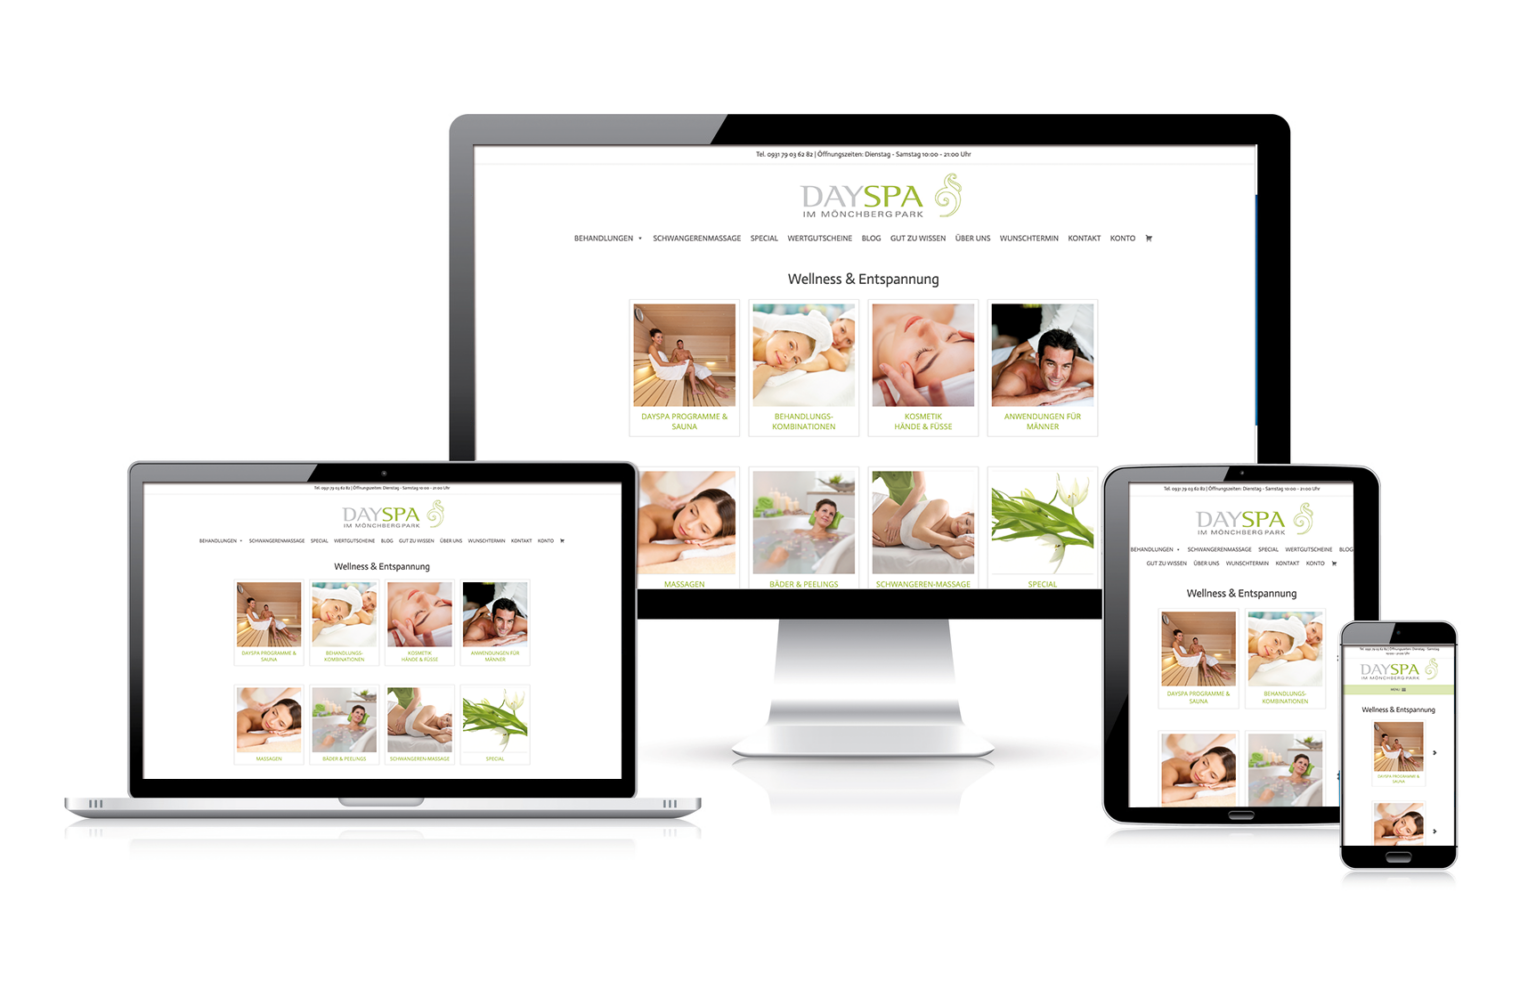 Ansichten-Web-Dayspa